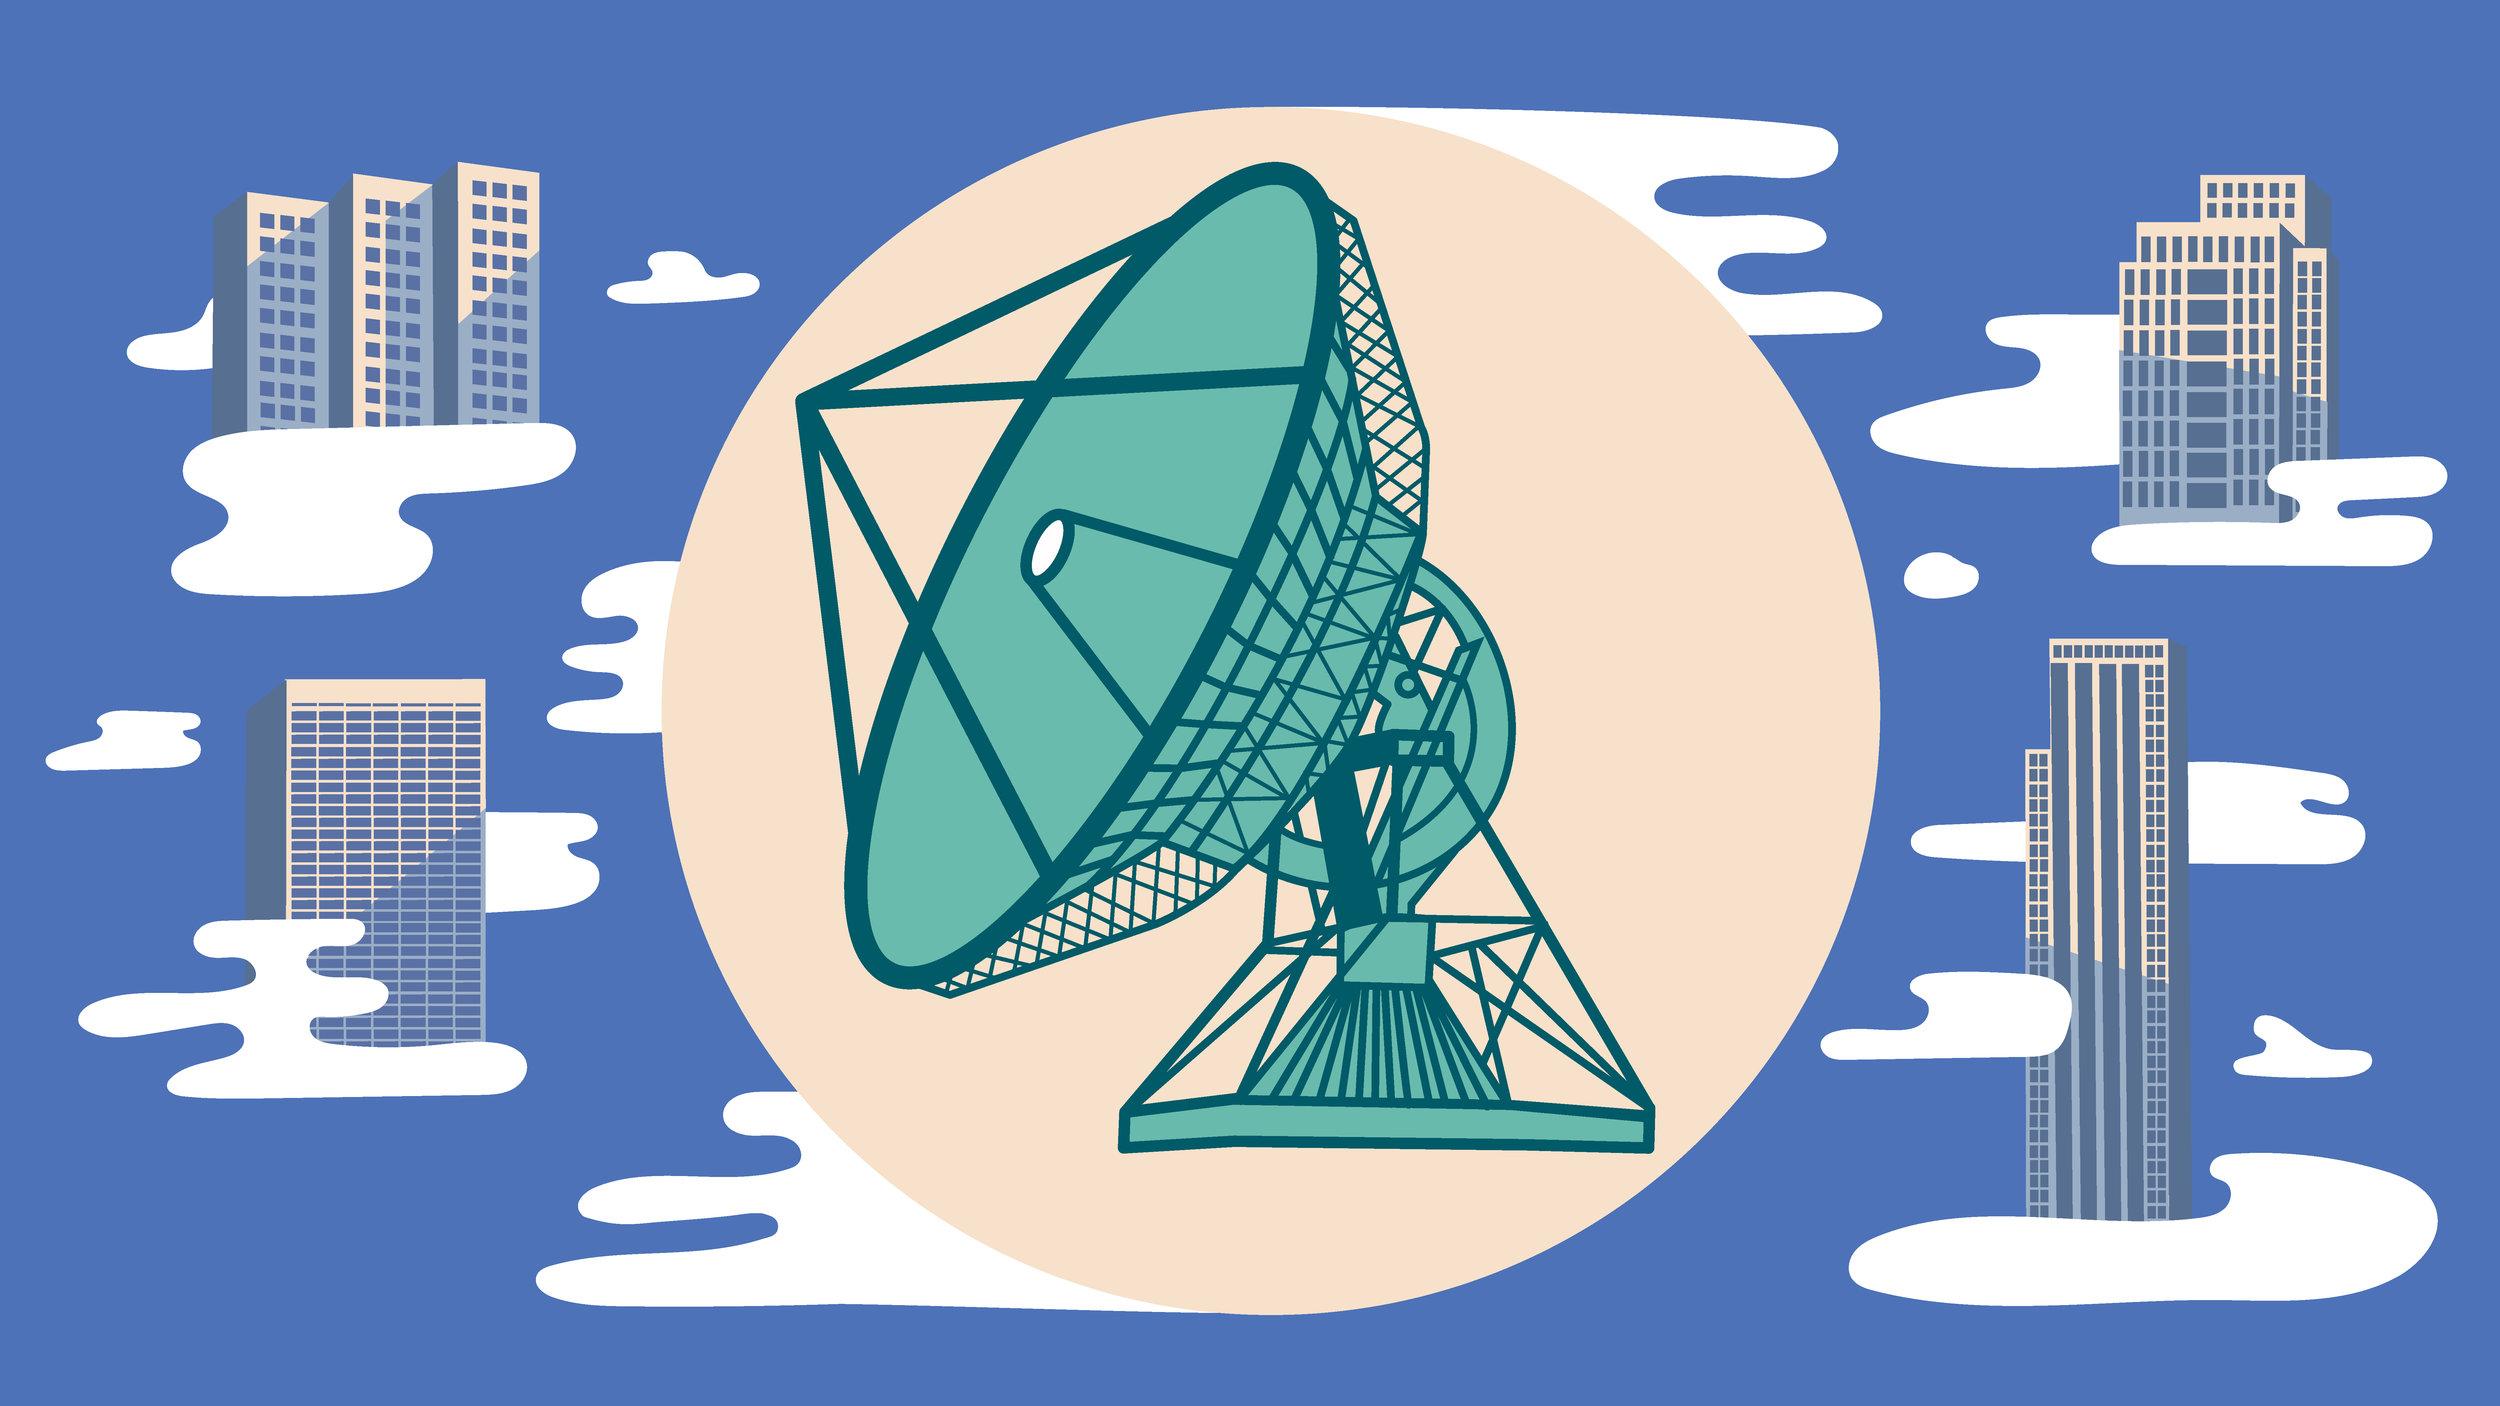 satelite-01.jpg